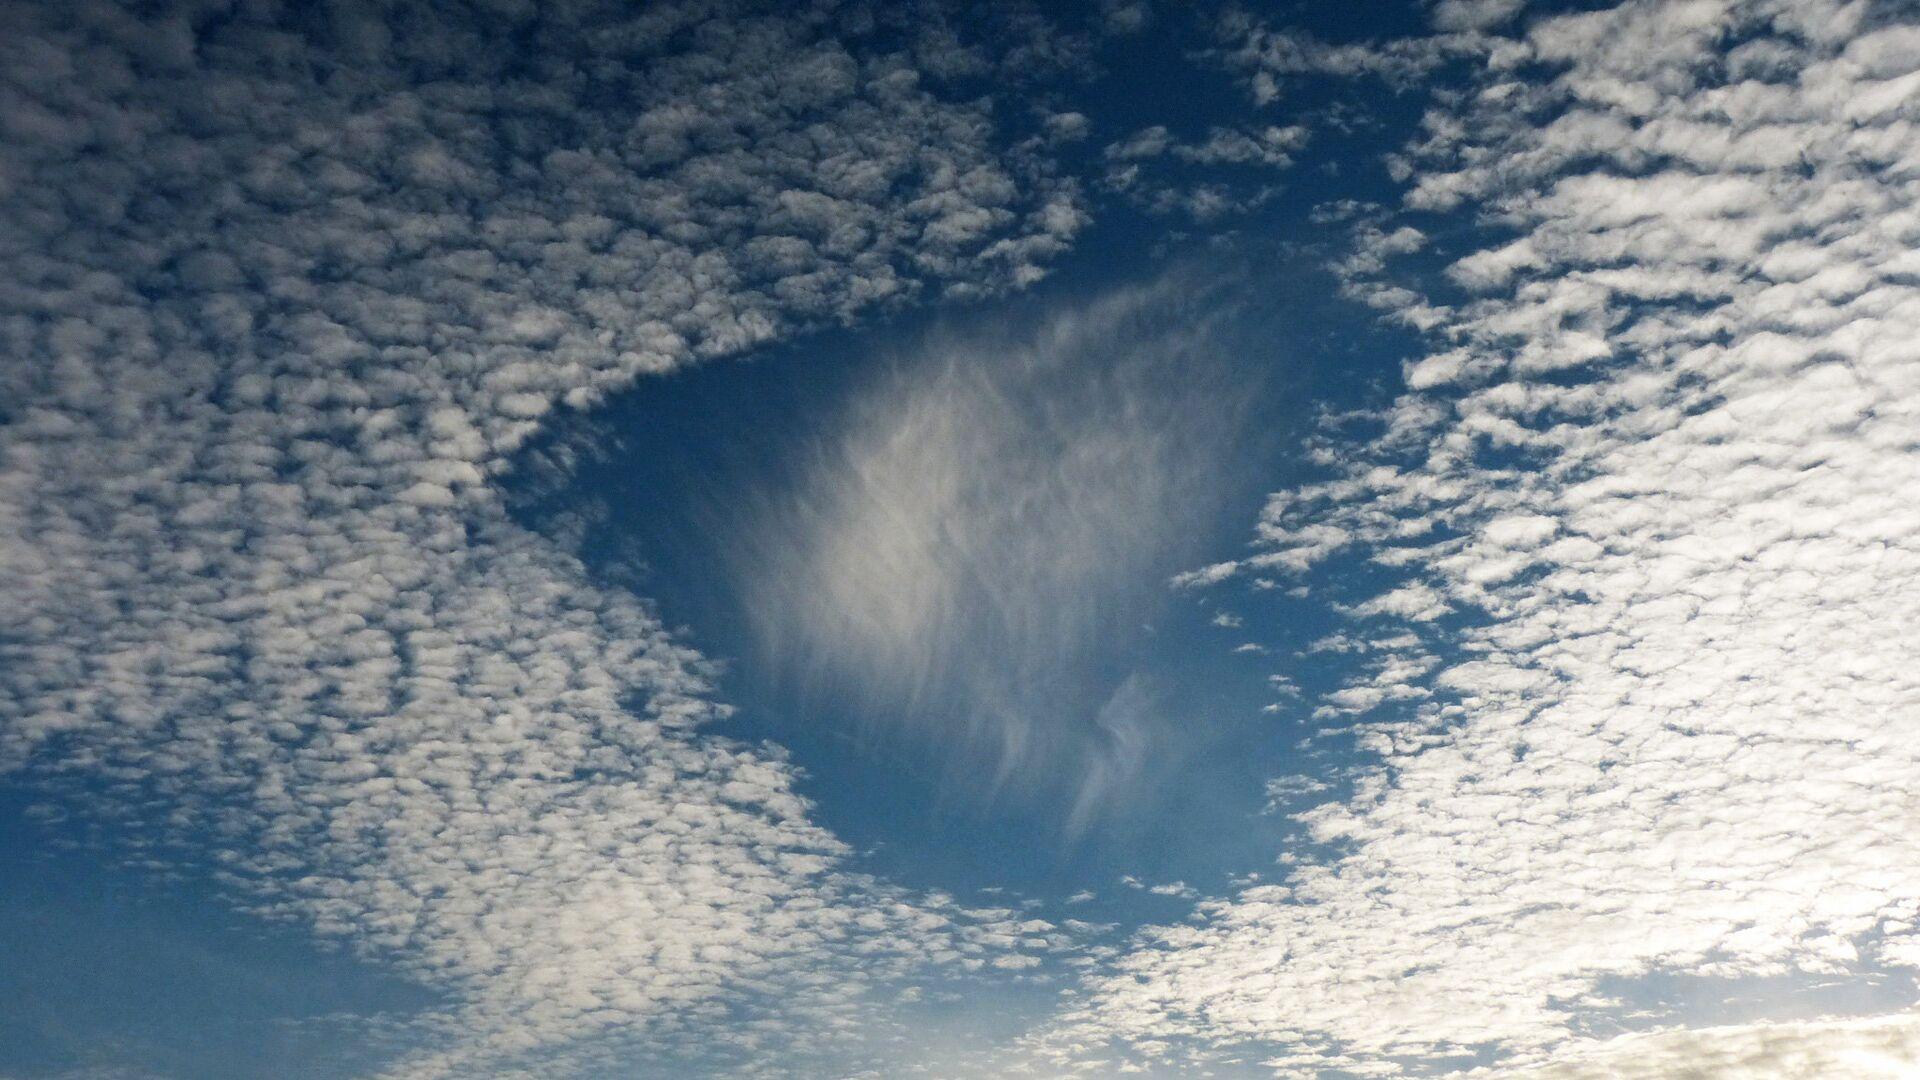 Cielo nublado - Sputnik Mundo, 1920, 07.04.2021